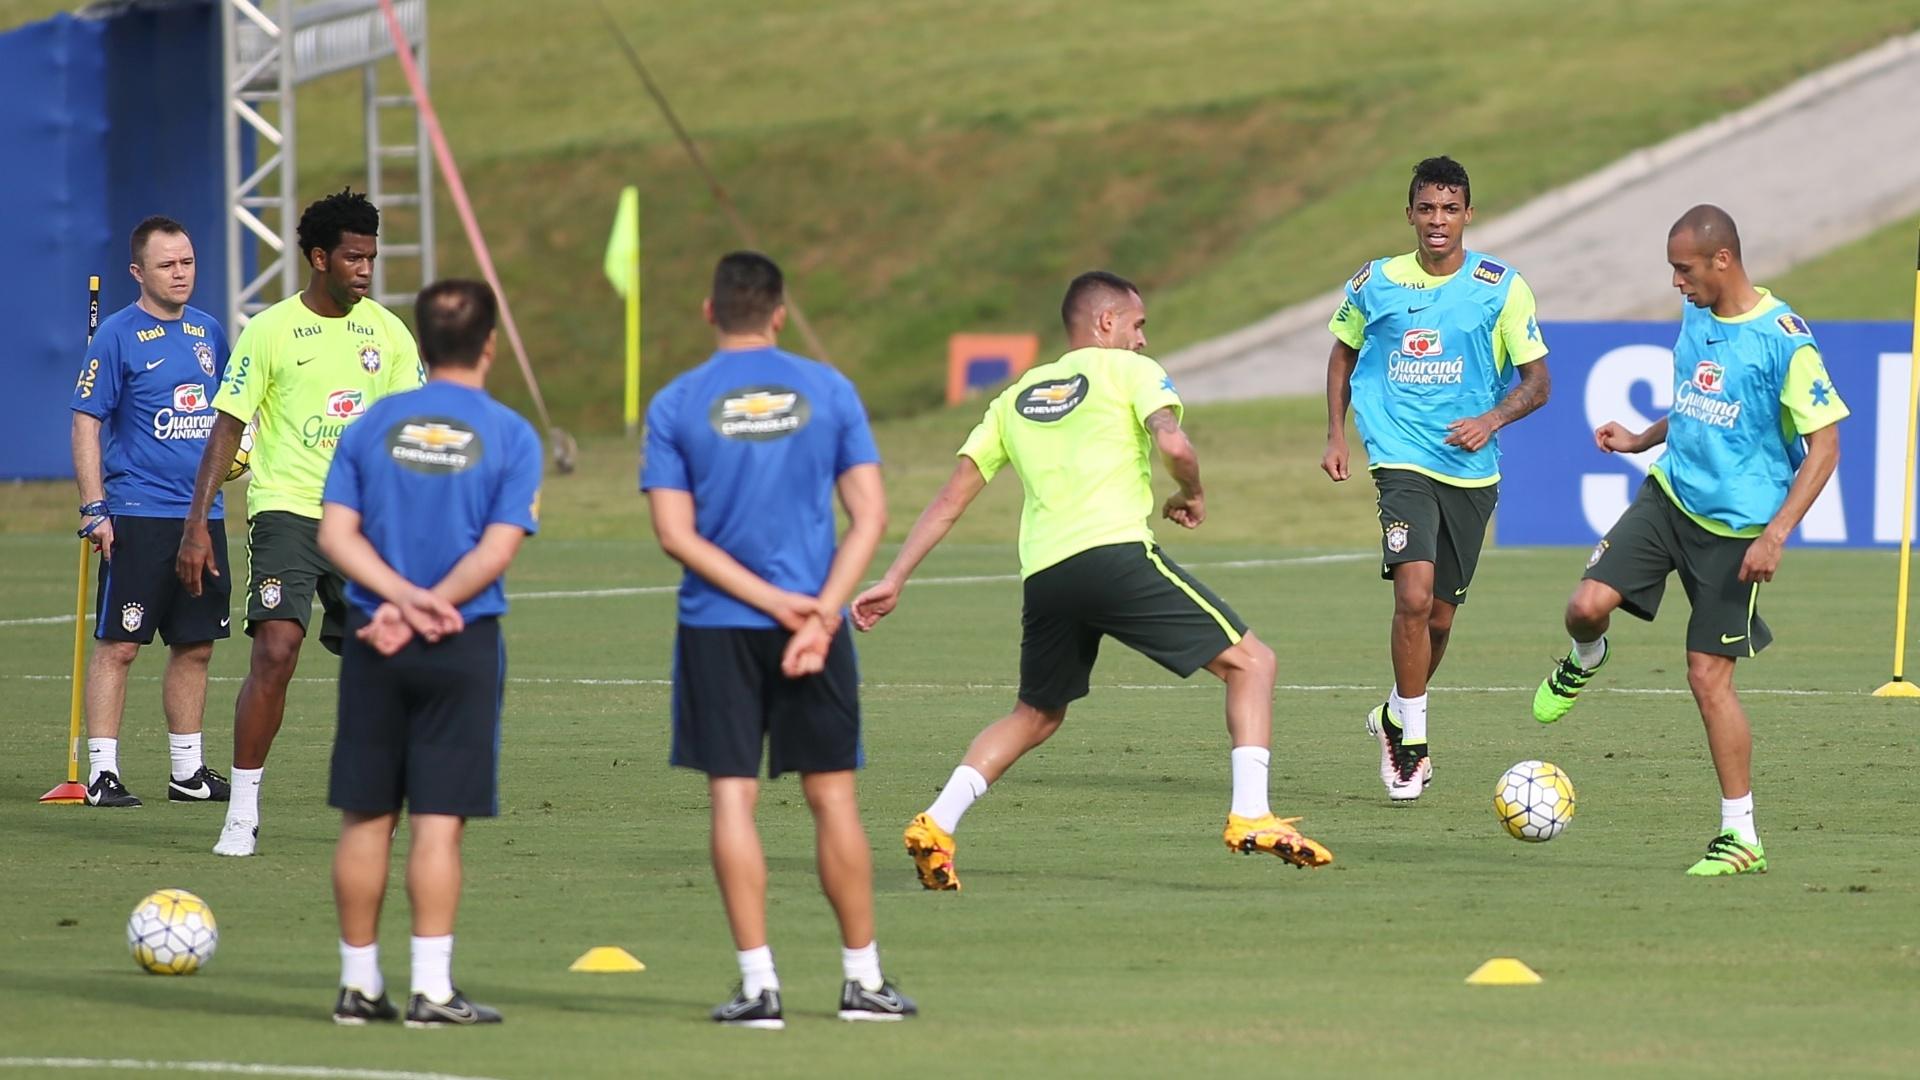 Jogadores da seleção dividem treino em campo reduzido na Granja Comary